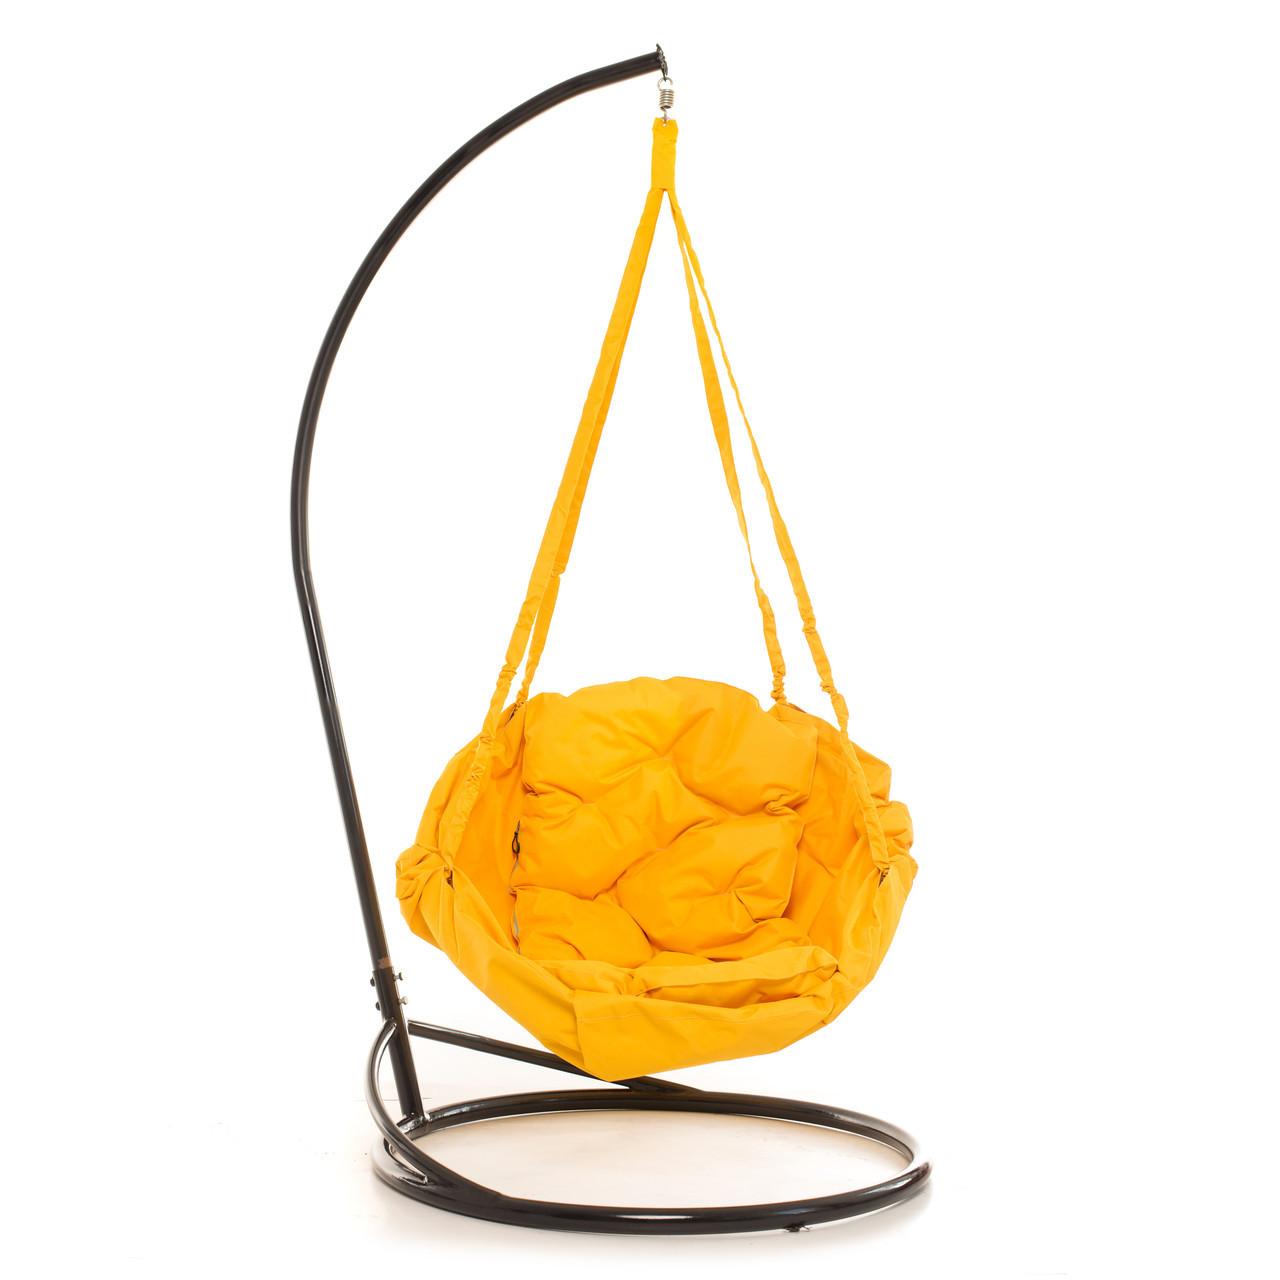 Садовое кресло качеля Kospa на подставке прямоугольная подушка 100 кг - 80 см Желтый